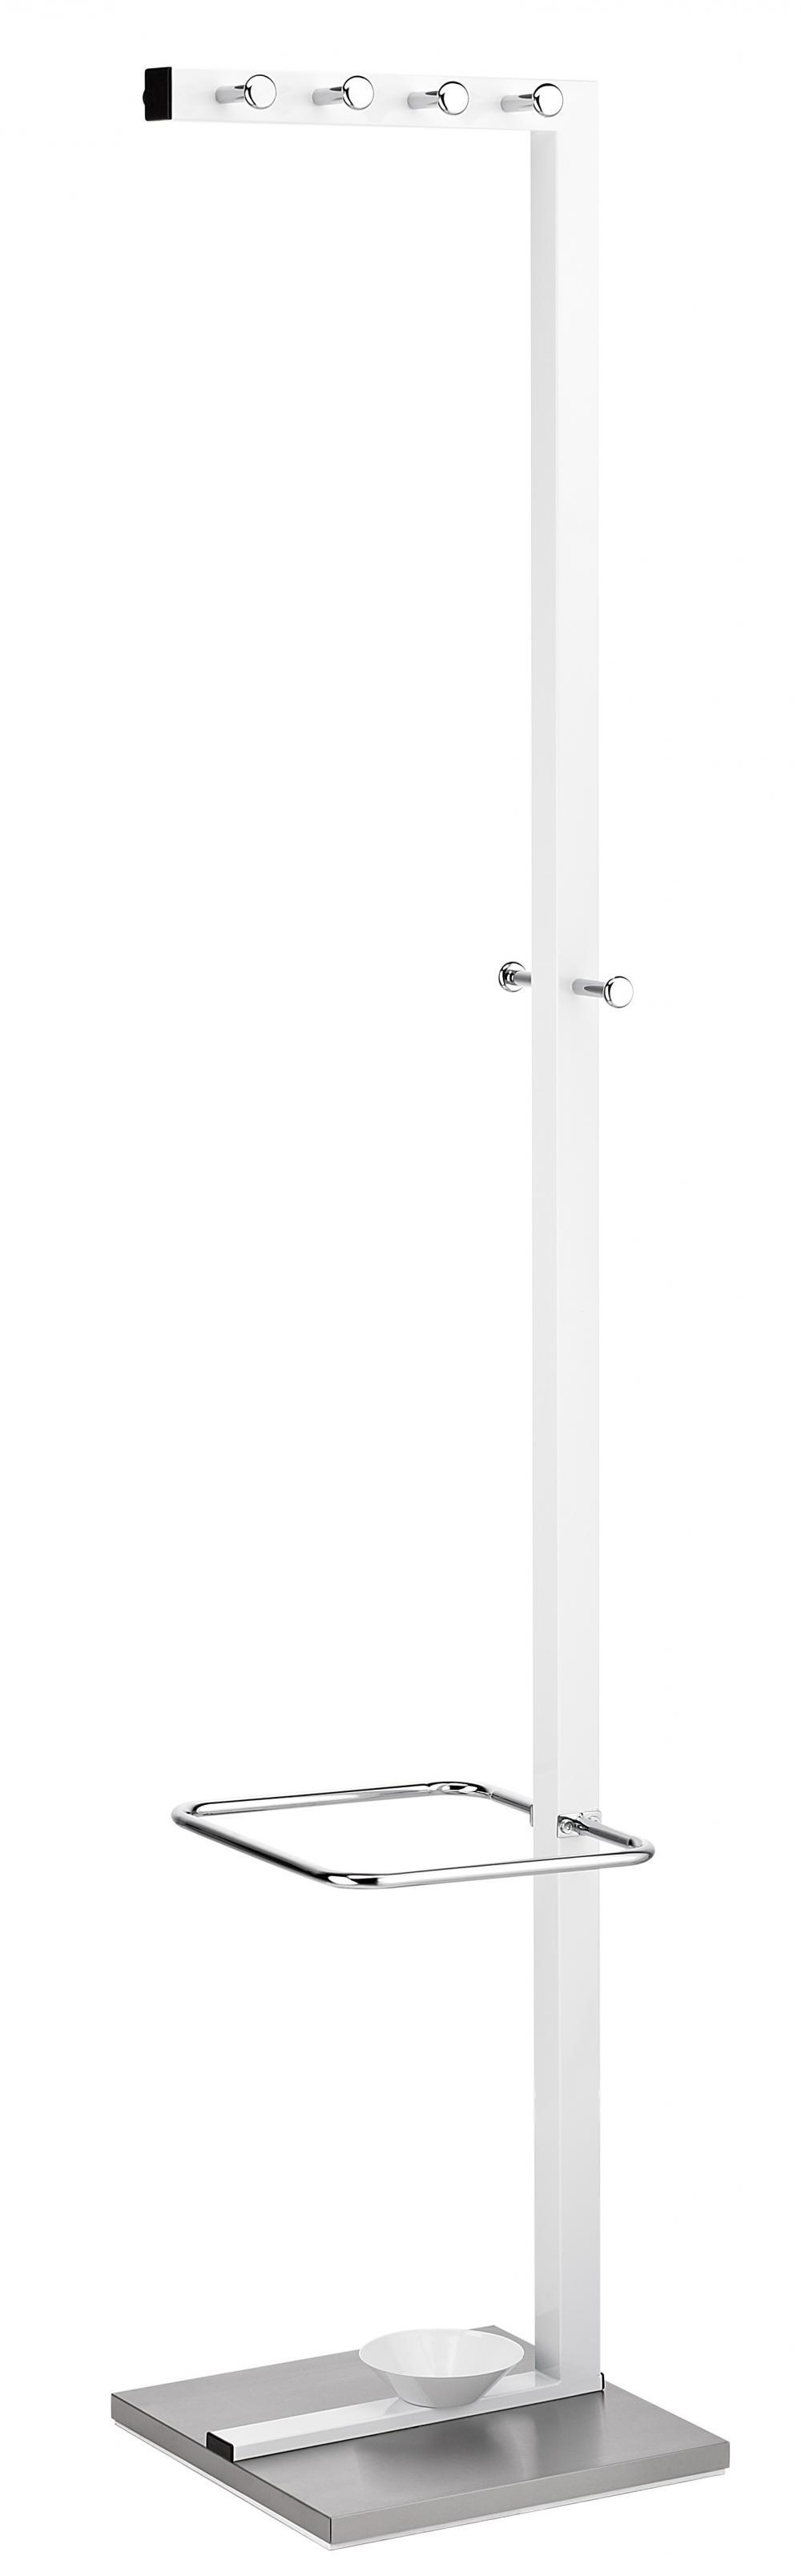 Cuier Metalic Alco Design  Cu 10 Agatatori Cromate  Suport Umbrele - Alb/stainless Steel